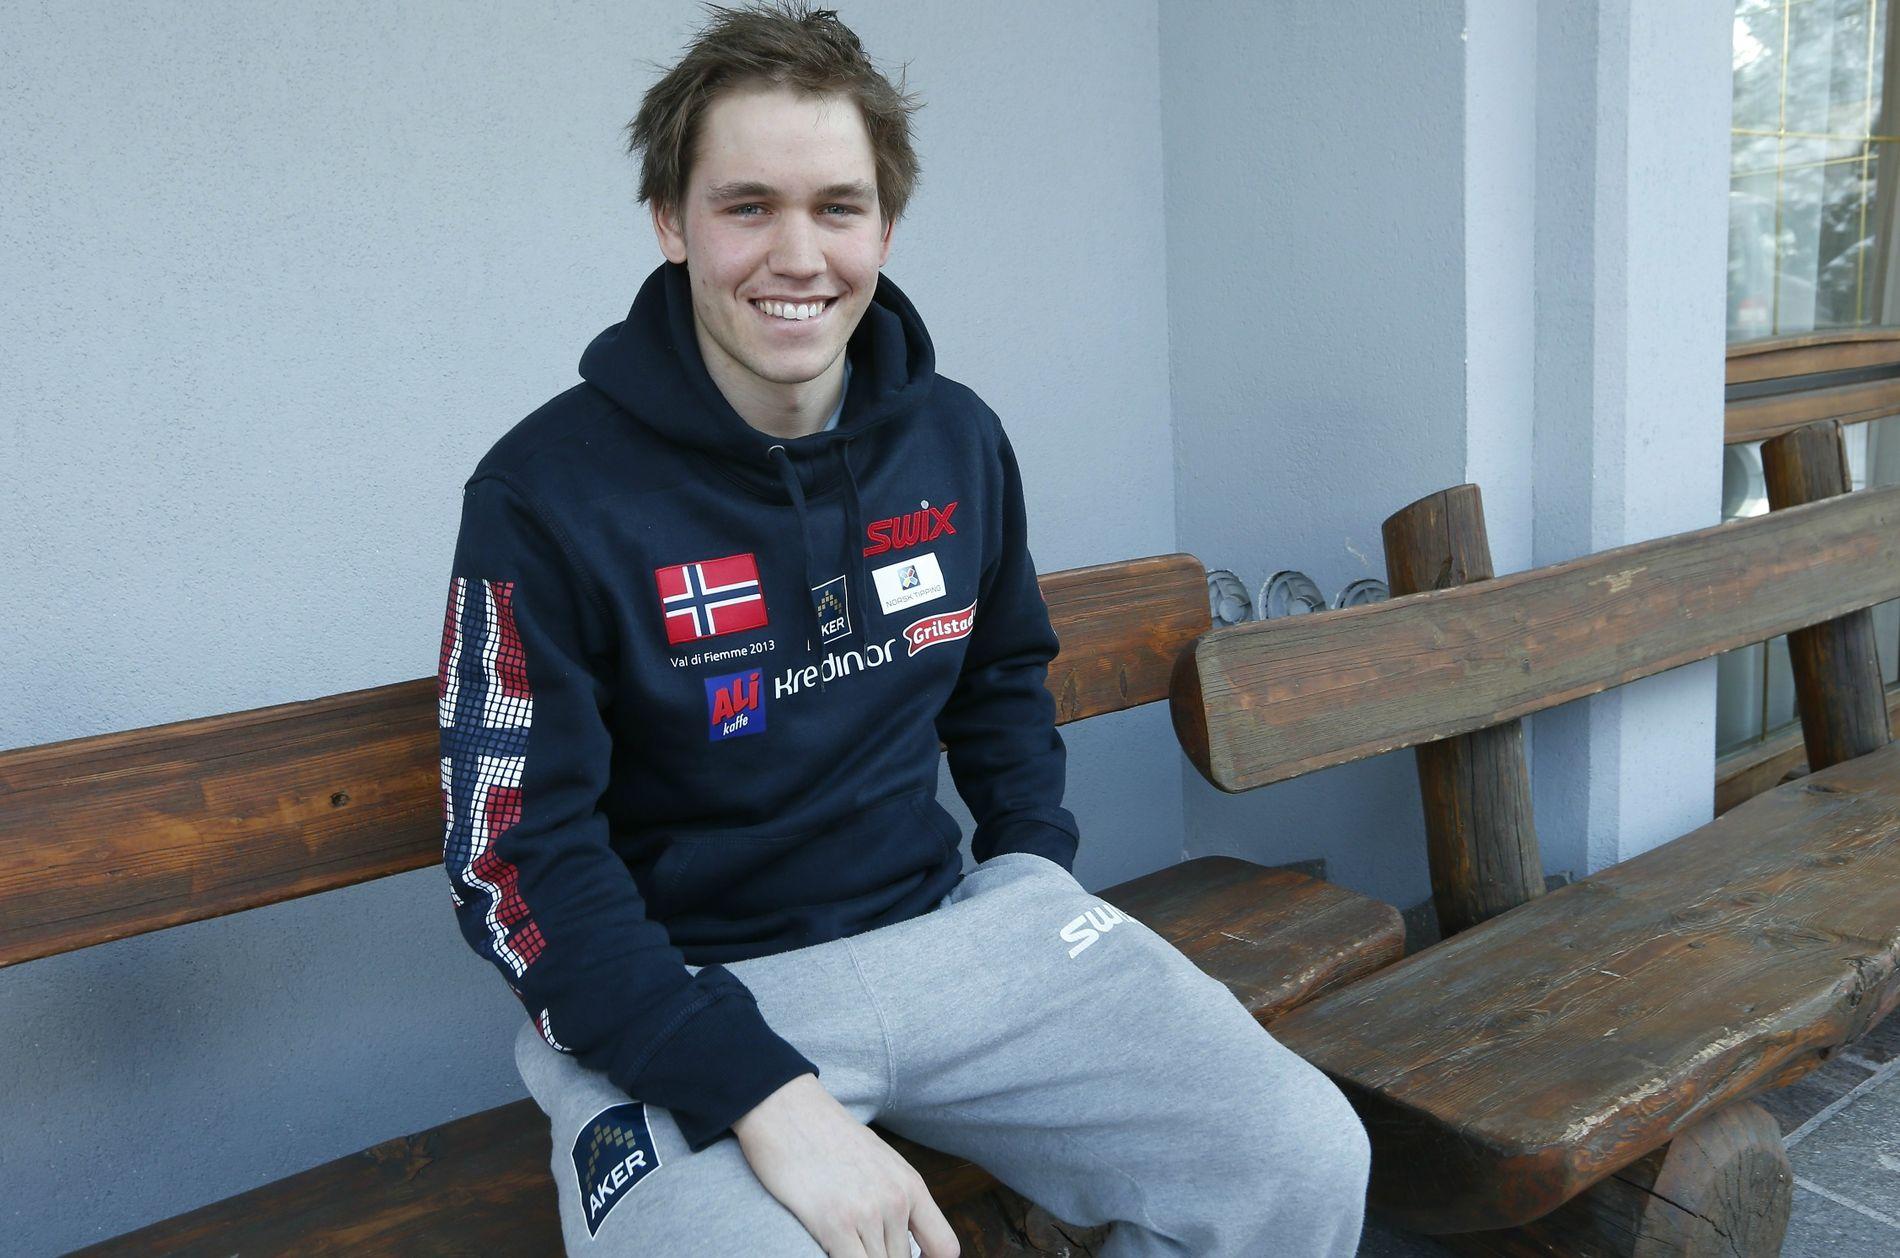 BLE BENKET: Pål Golberg satset videre på egenhånd da han ble vraket fra langrennslandslaget etter forrige sesong. Sesongen har vært god. Nå kjemper han om en plass i VM-troppen. Her er han fotografert under VM i Val di Fiemme.